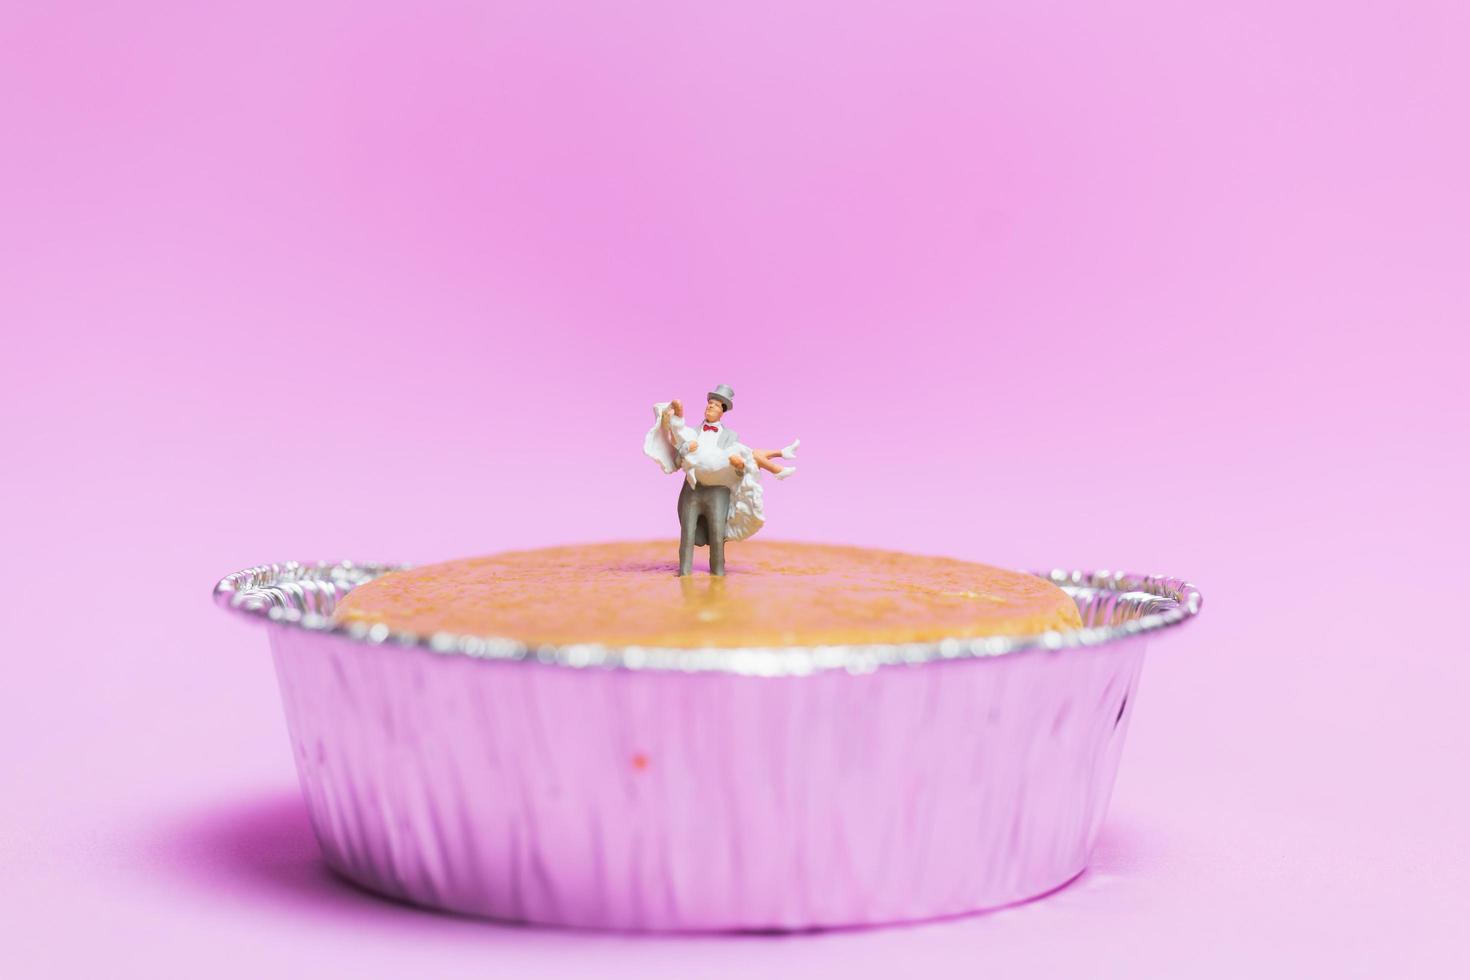 casamento em miniatura de um casal de noivos em um fundo rosa, conceito de dia dos namorados foto